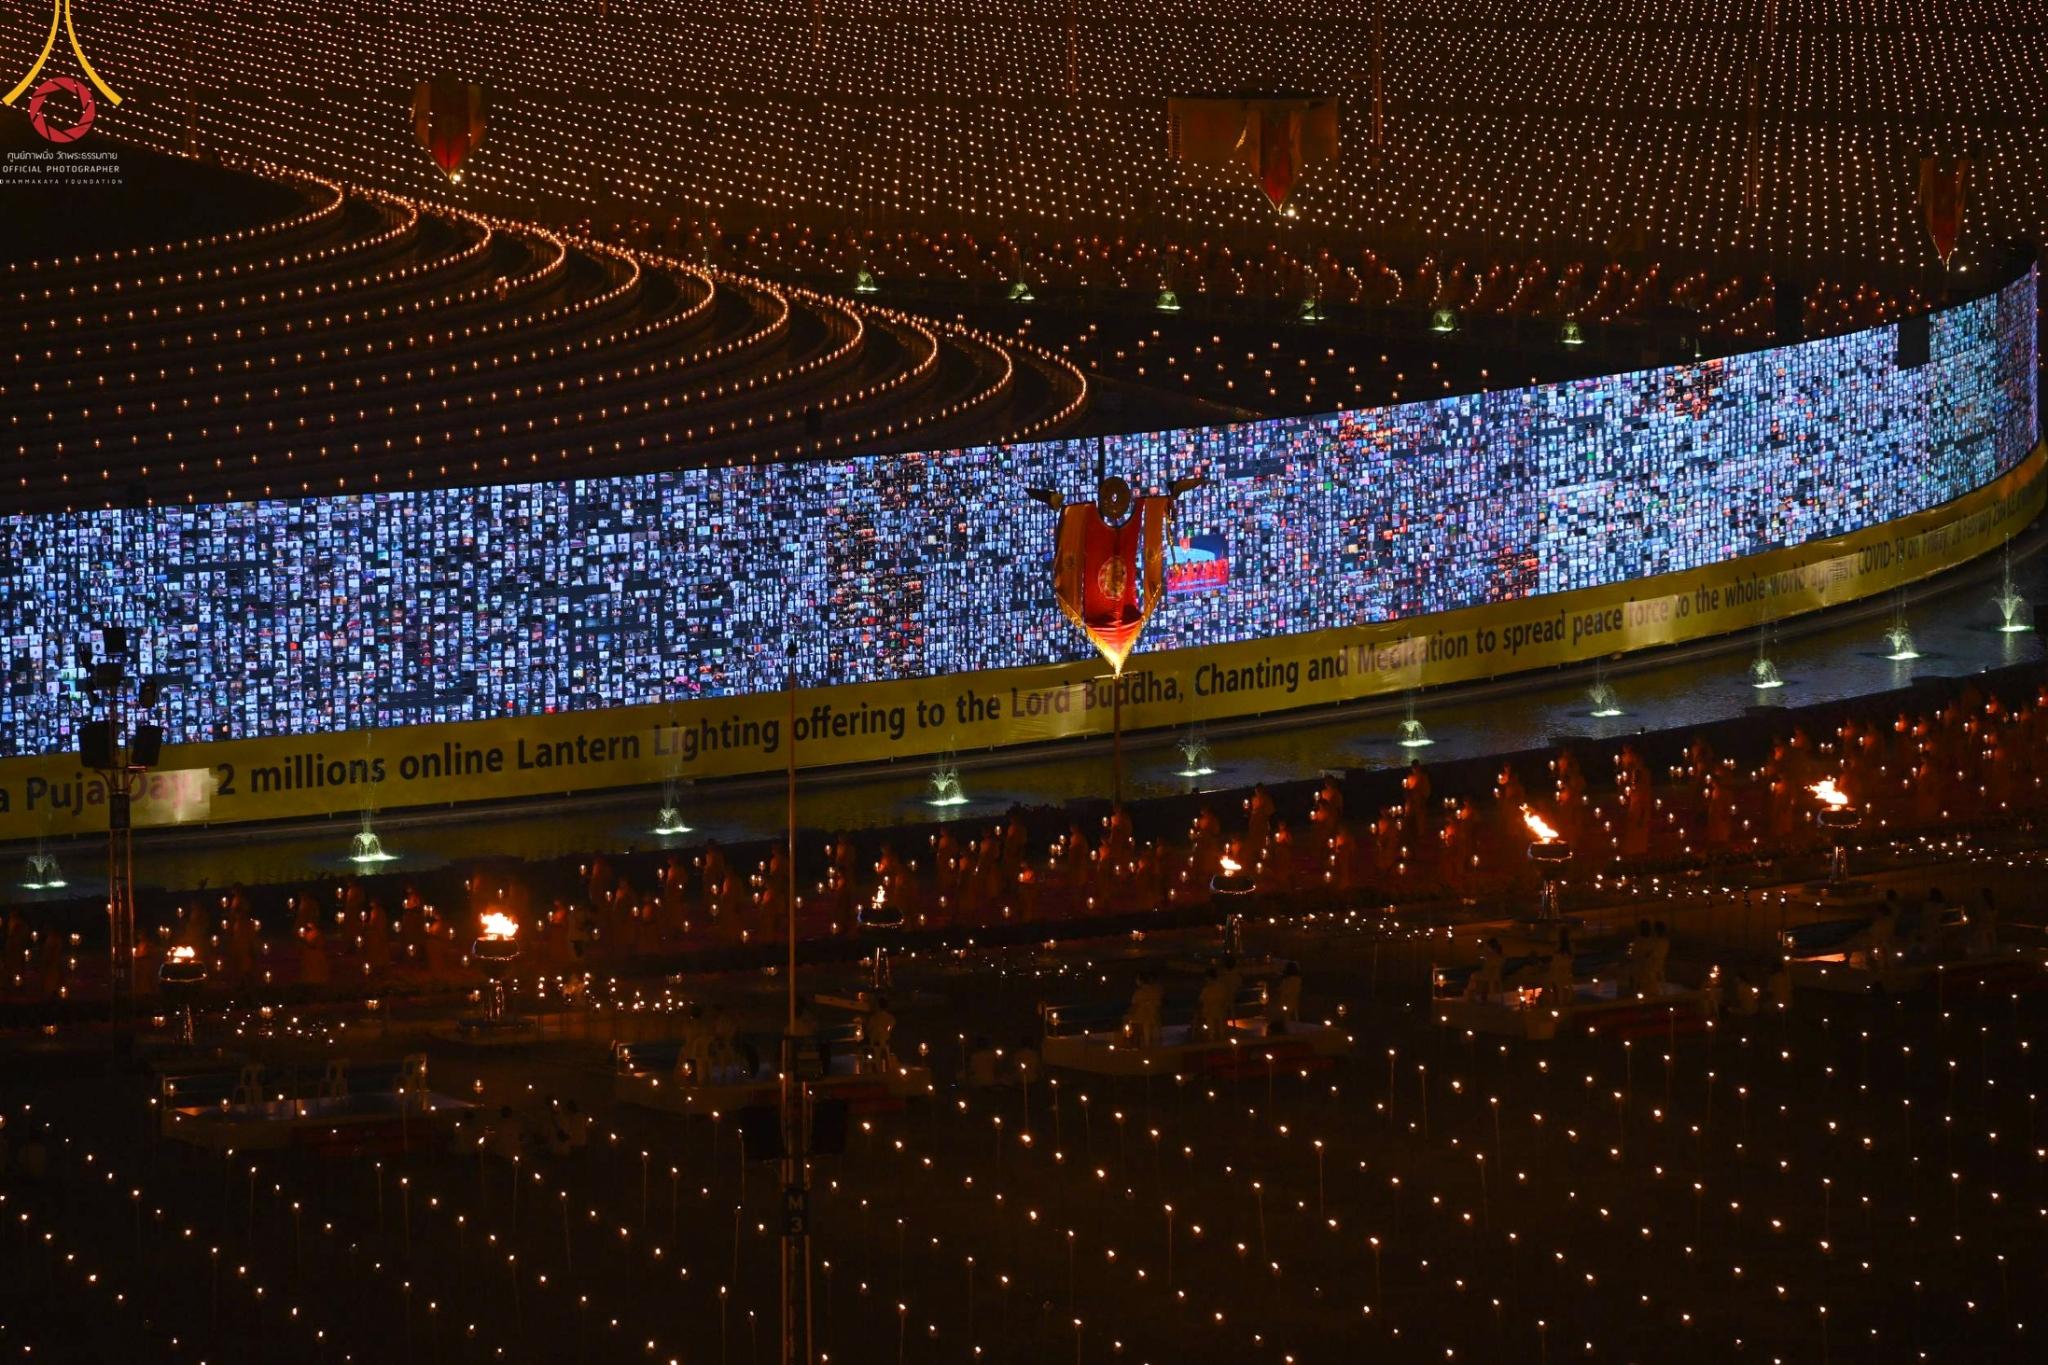 泰國萬佛節也數位轉型!二十萬人透過 280 公尺大螢幕用 Zoom 共襄盛舉